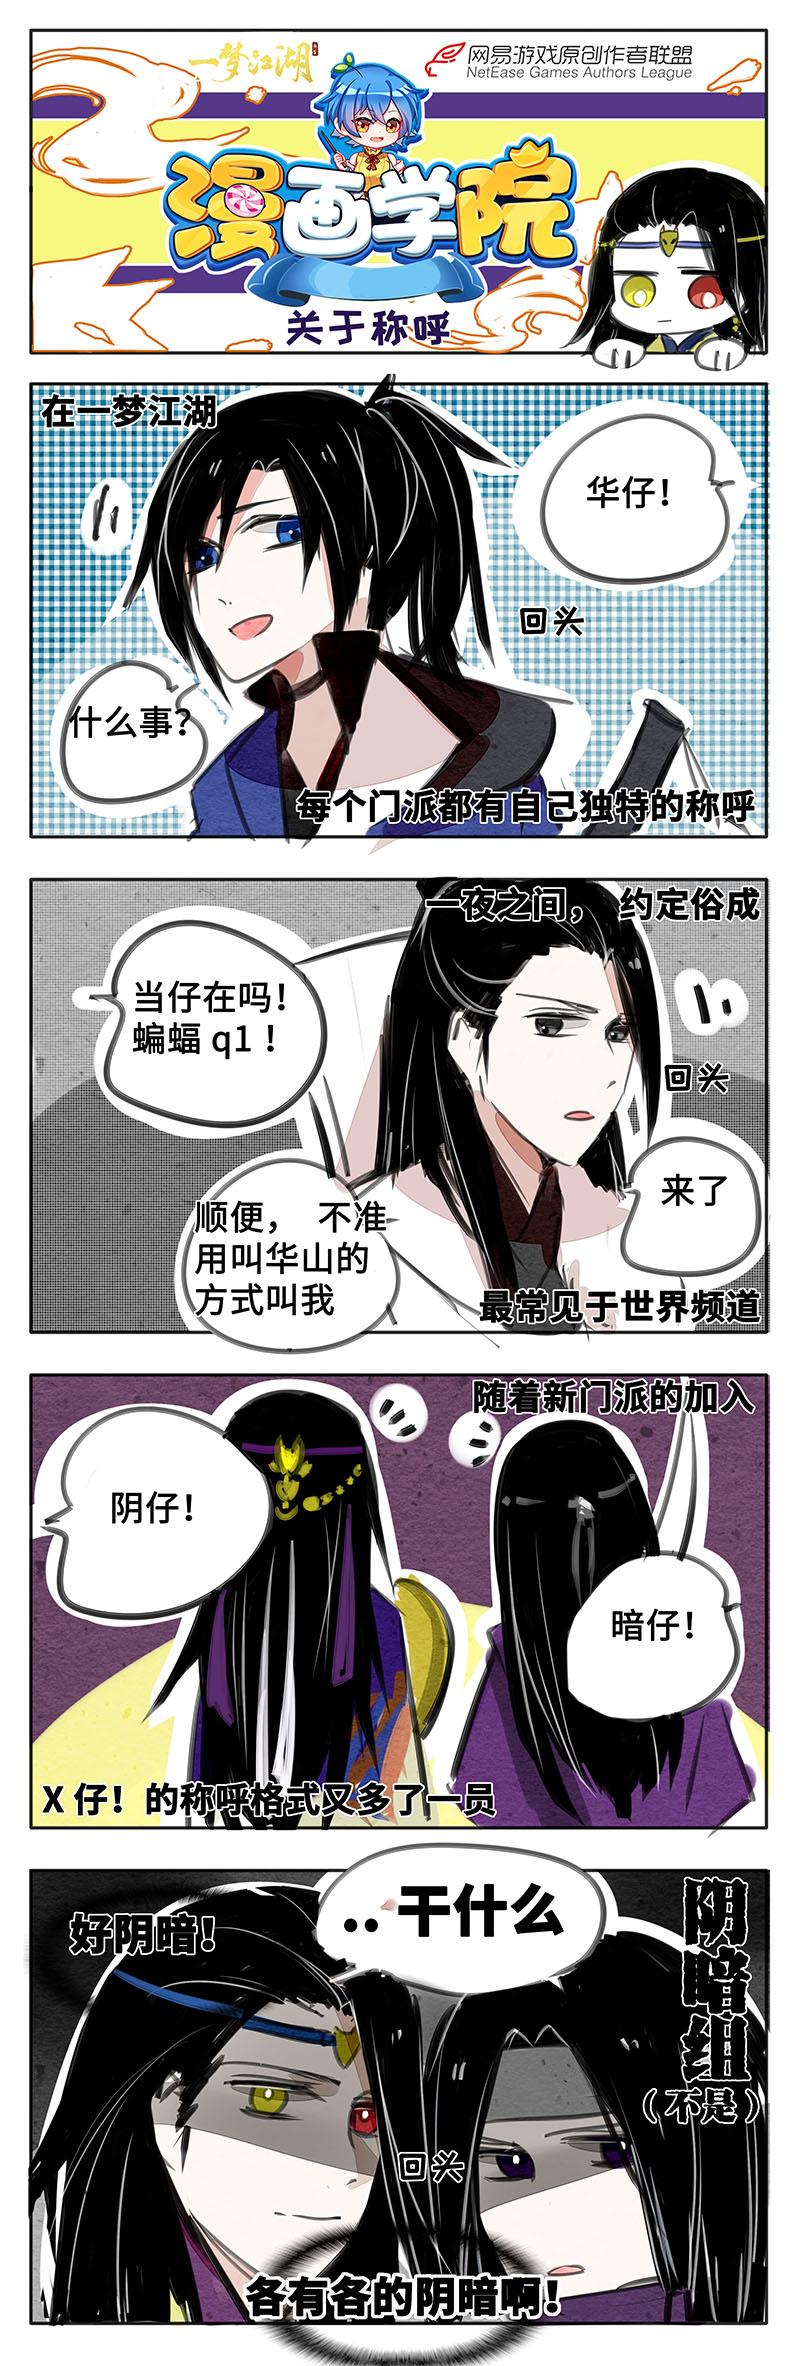 【原创作者联盟】【漫画学院】走近太阴(4P)